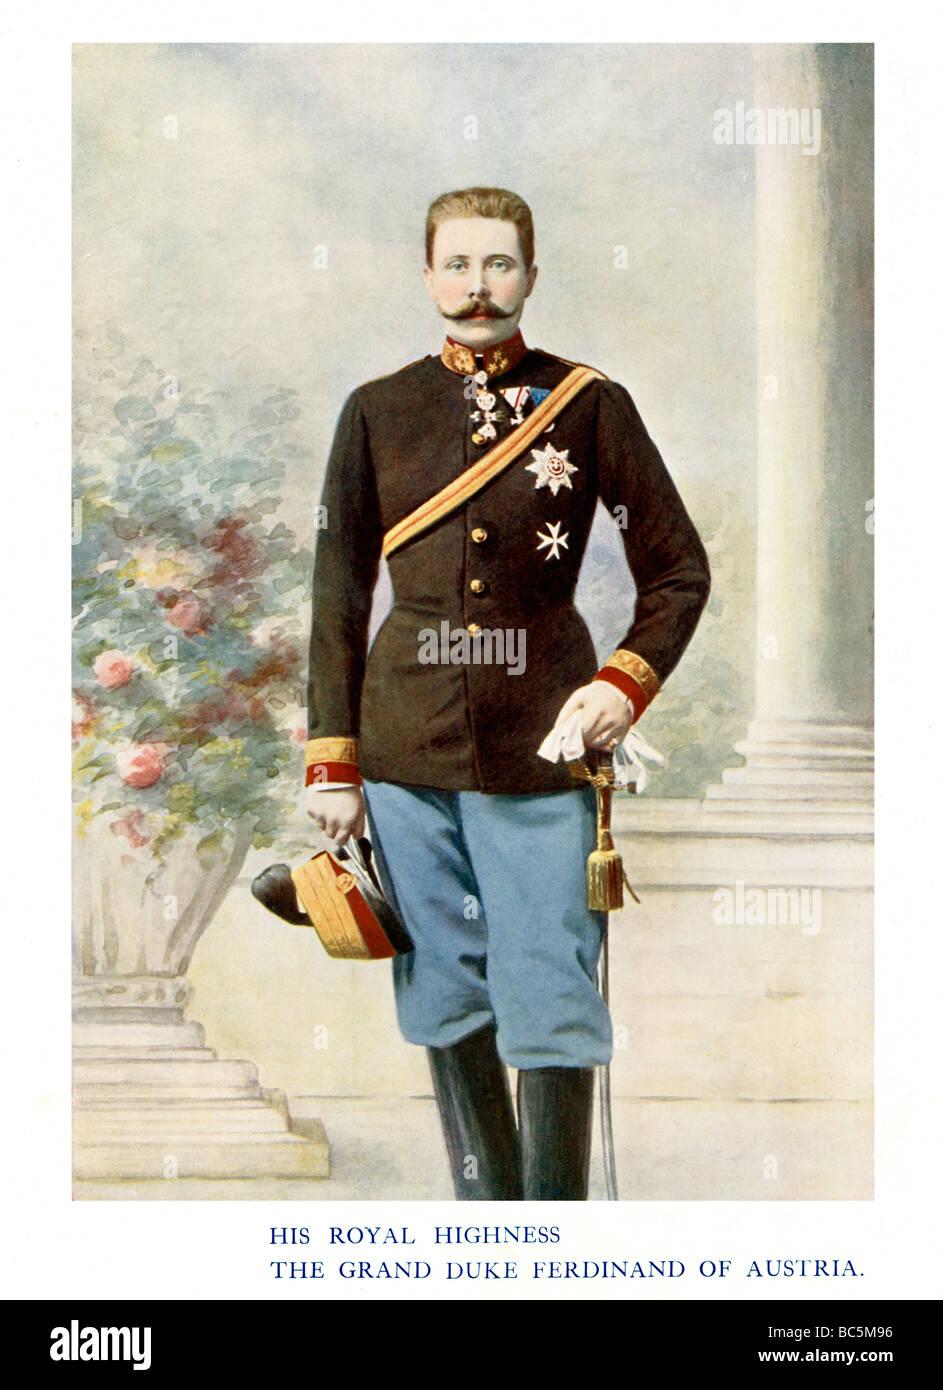 El archiduque Franz Ferdinand 1901 fotografía color del sobrino del emperador Franz Joseph asesinado en Sarajevo Imagen De Stock